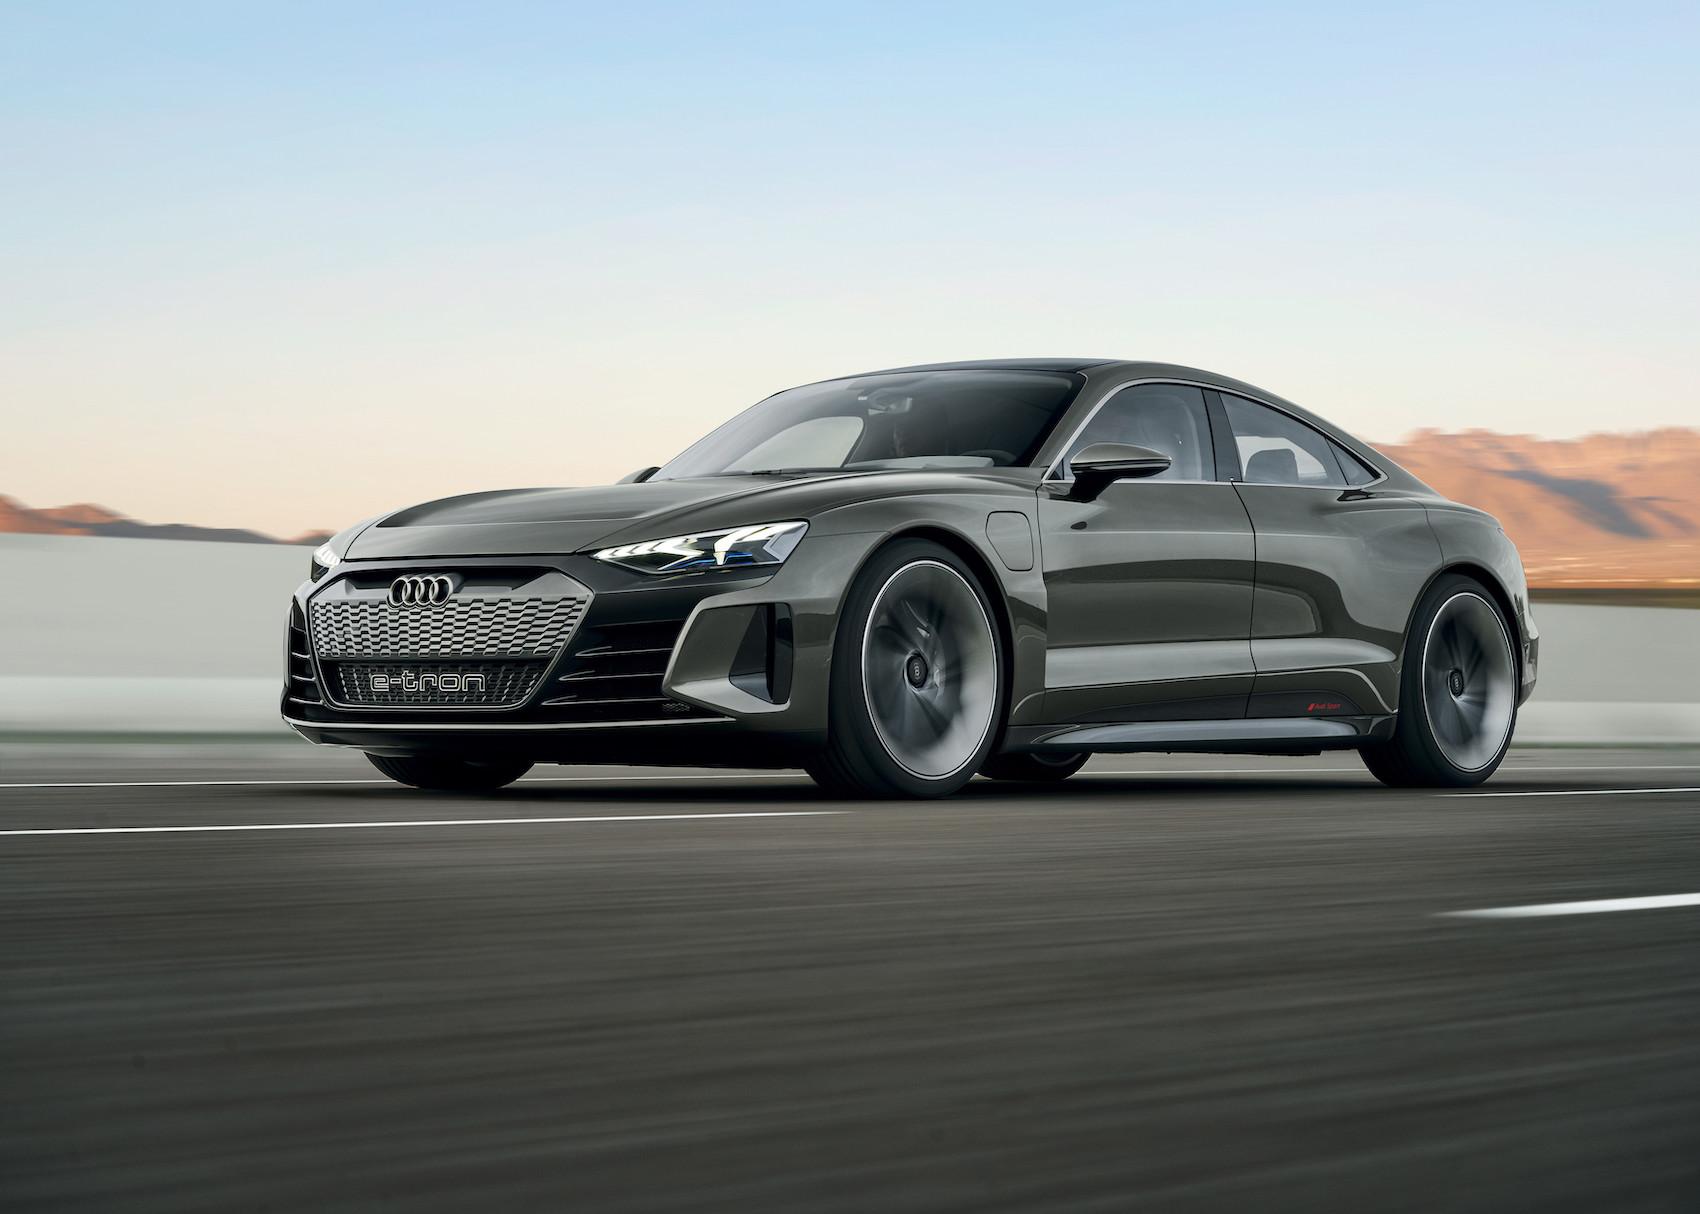 Le modèle de série de l'e-tron GT devrait être livré début 2021.